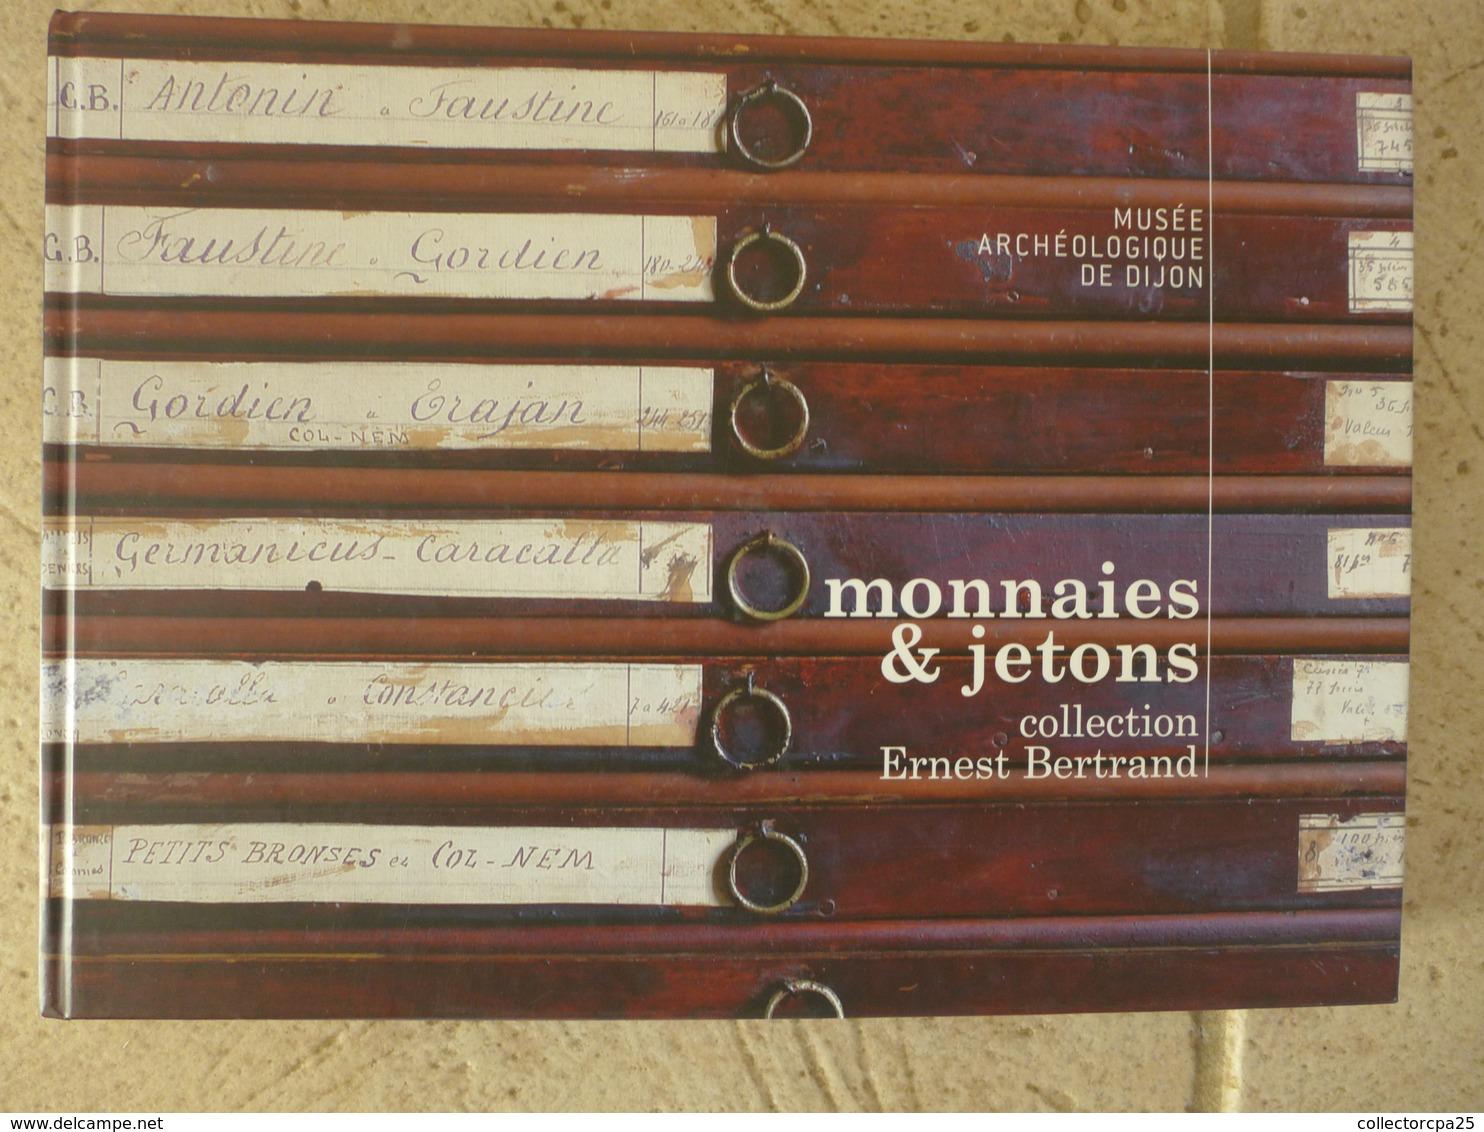 Livre 376 Pages Monnaies & Jetons Collection Ernest Bertrand 2009 Musée Archéologique De Dijon - Livres & Logiciels